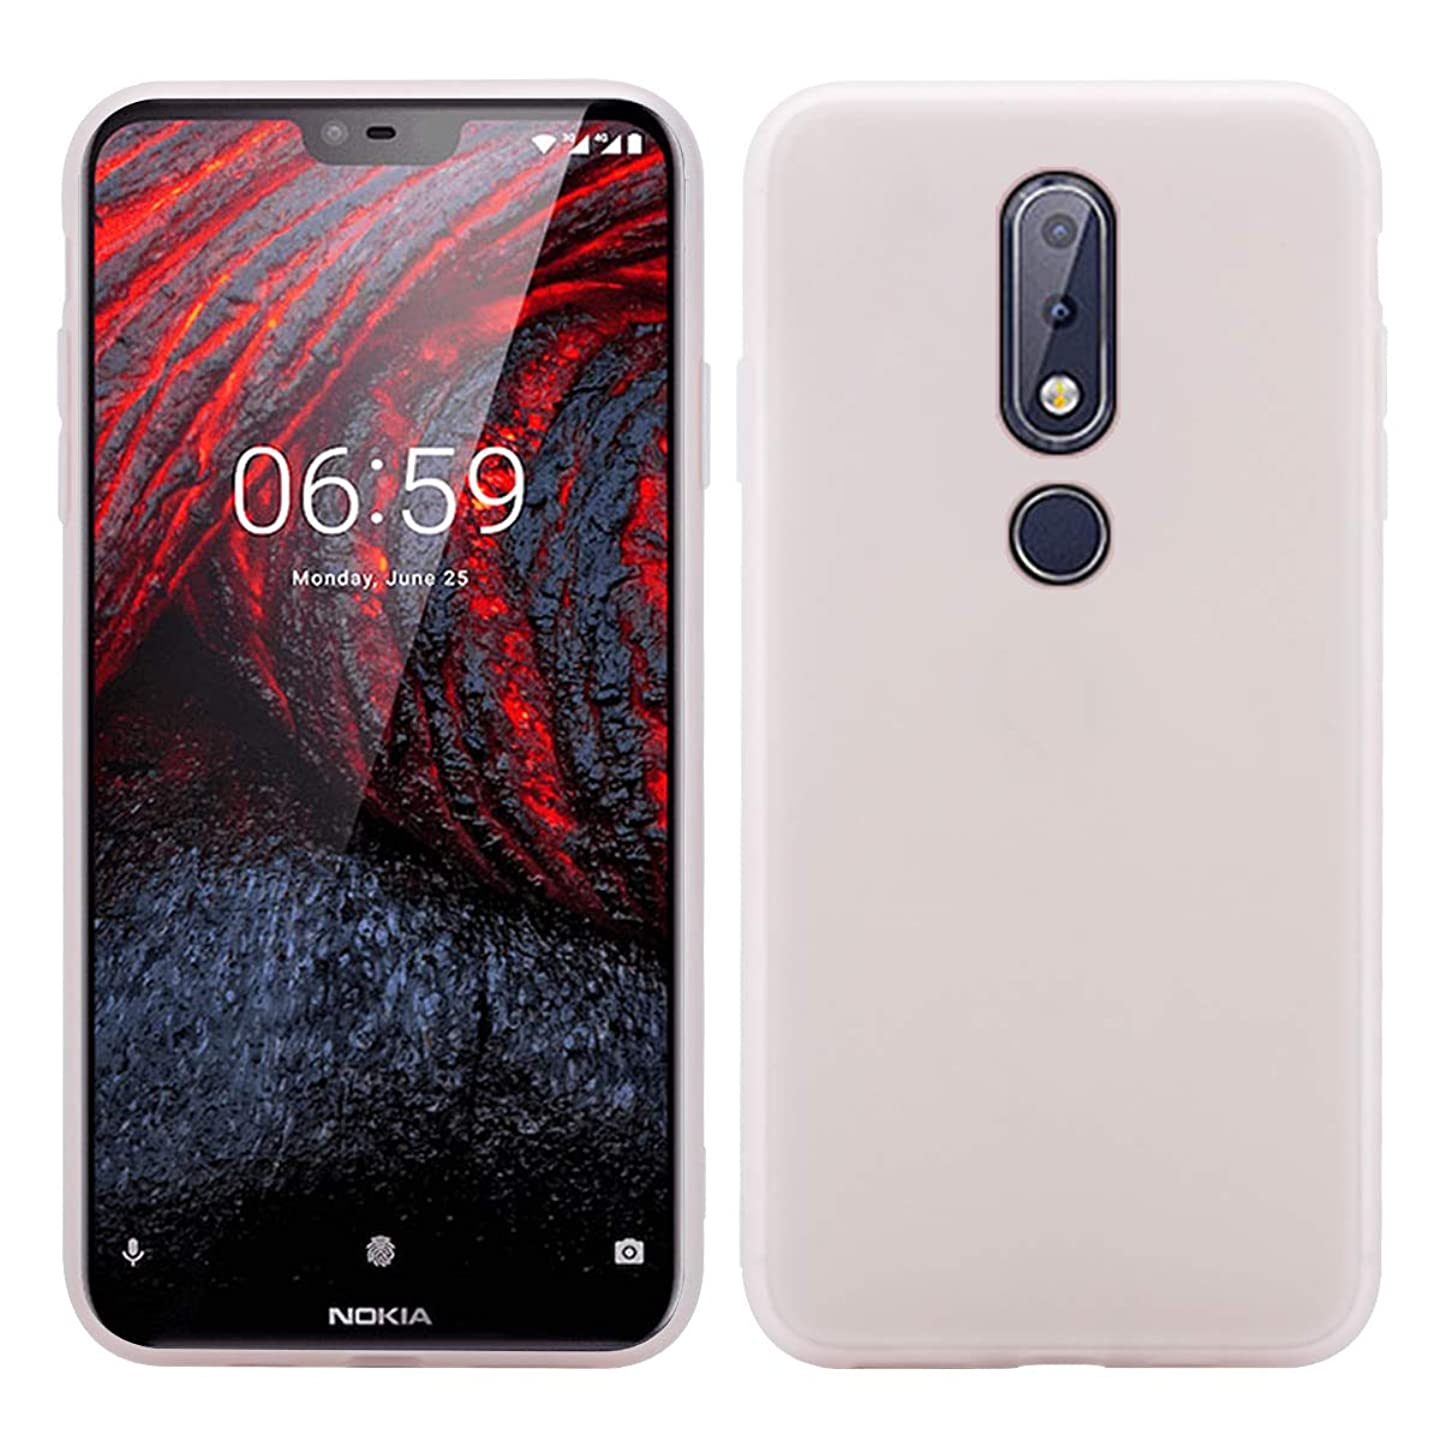 オーロック雪だるまレインコートNokia 6.1 Plus シェル [ パーフェクト 合う ] シリーズ シェル シェル 重い 義務 保護 緩衝器 シェル の Nokia 6.1 Plus (White)